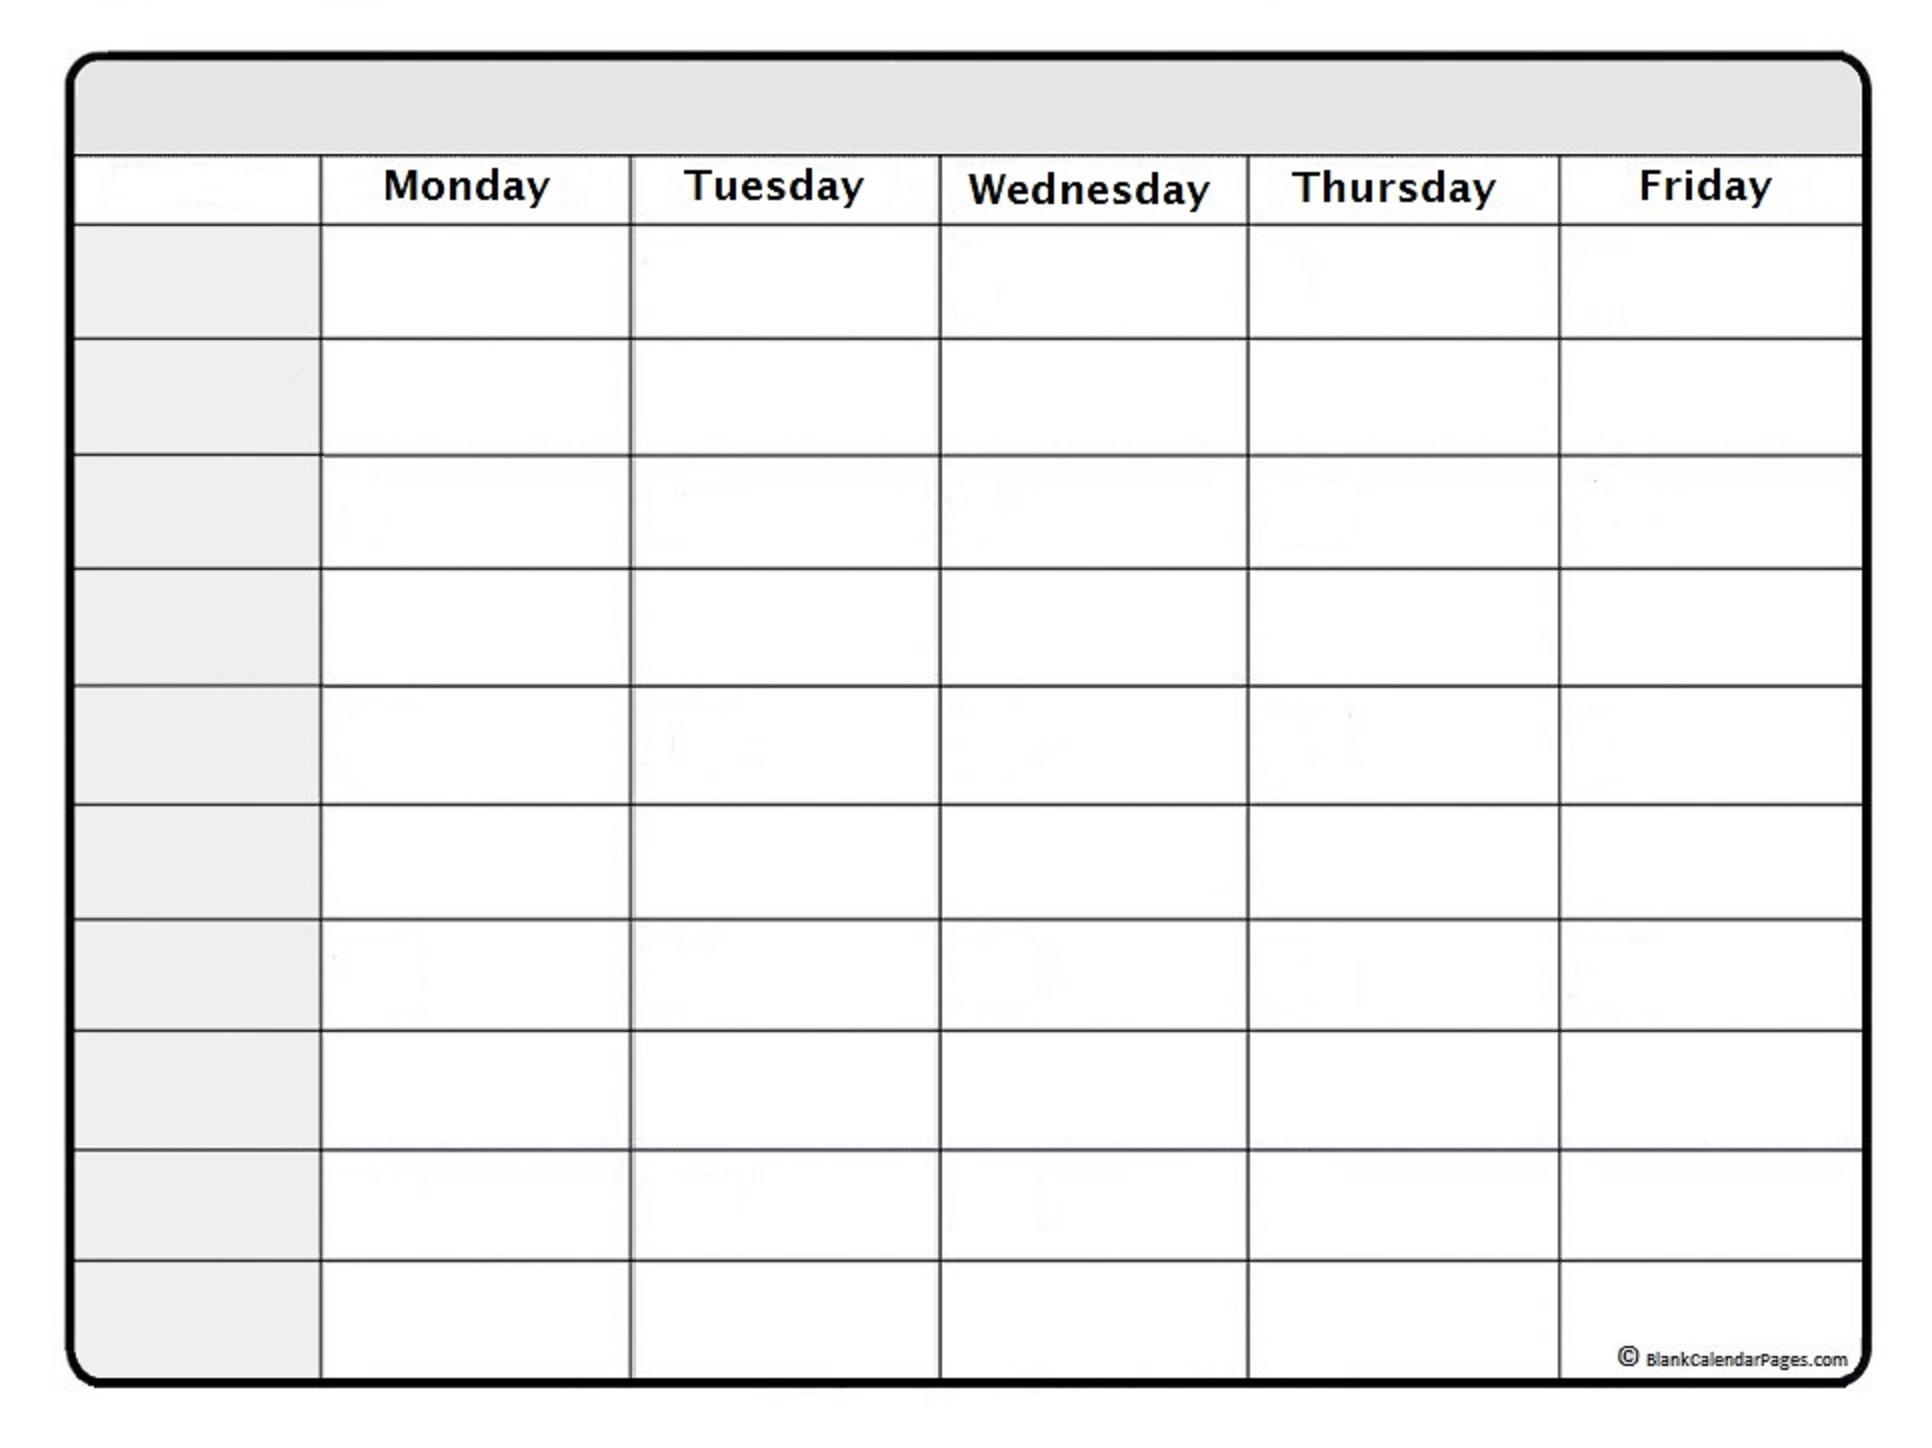 January Daily Calendar